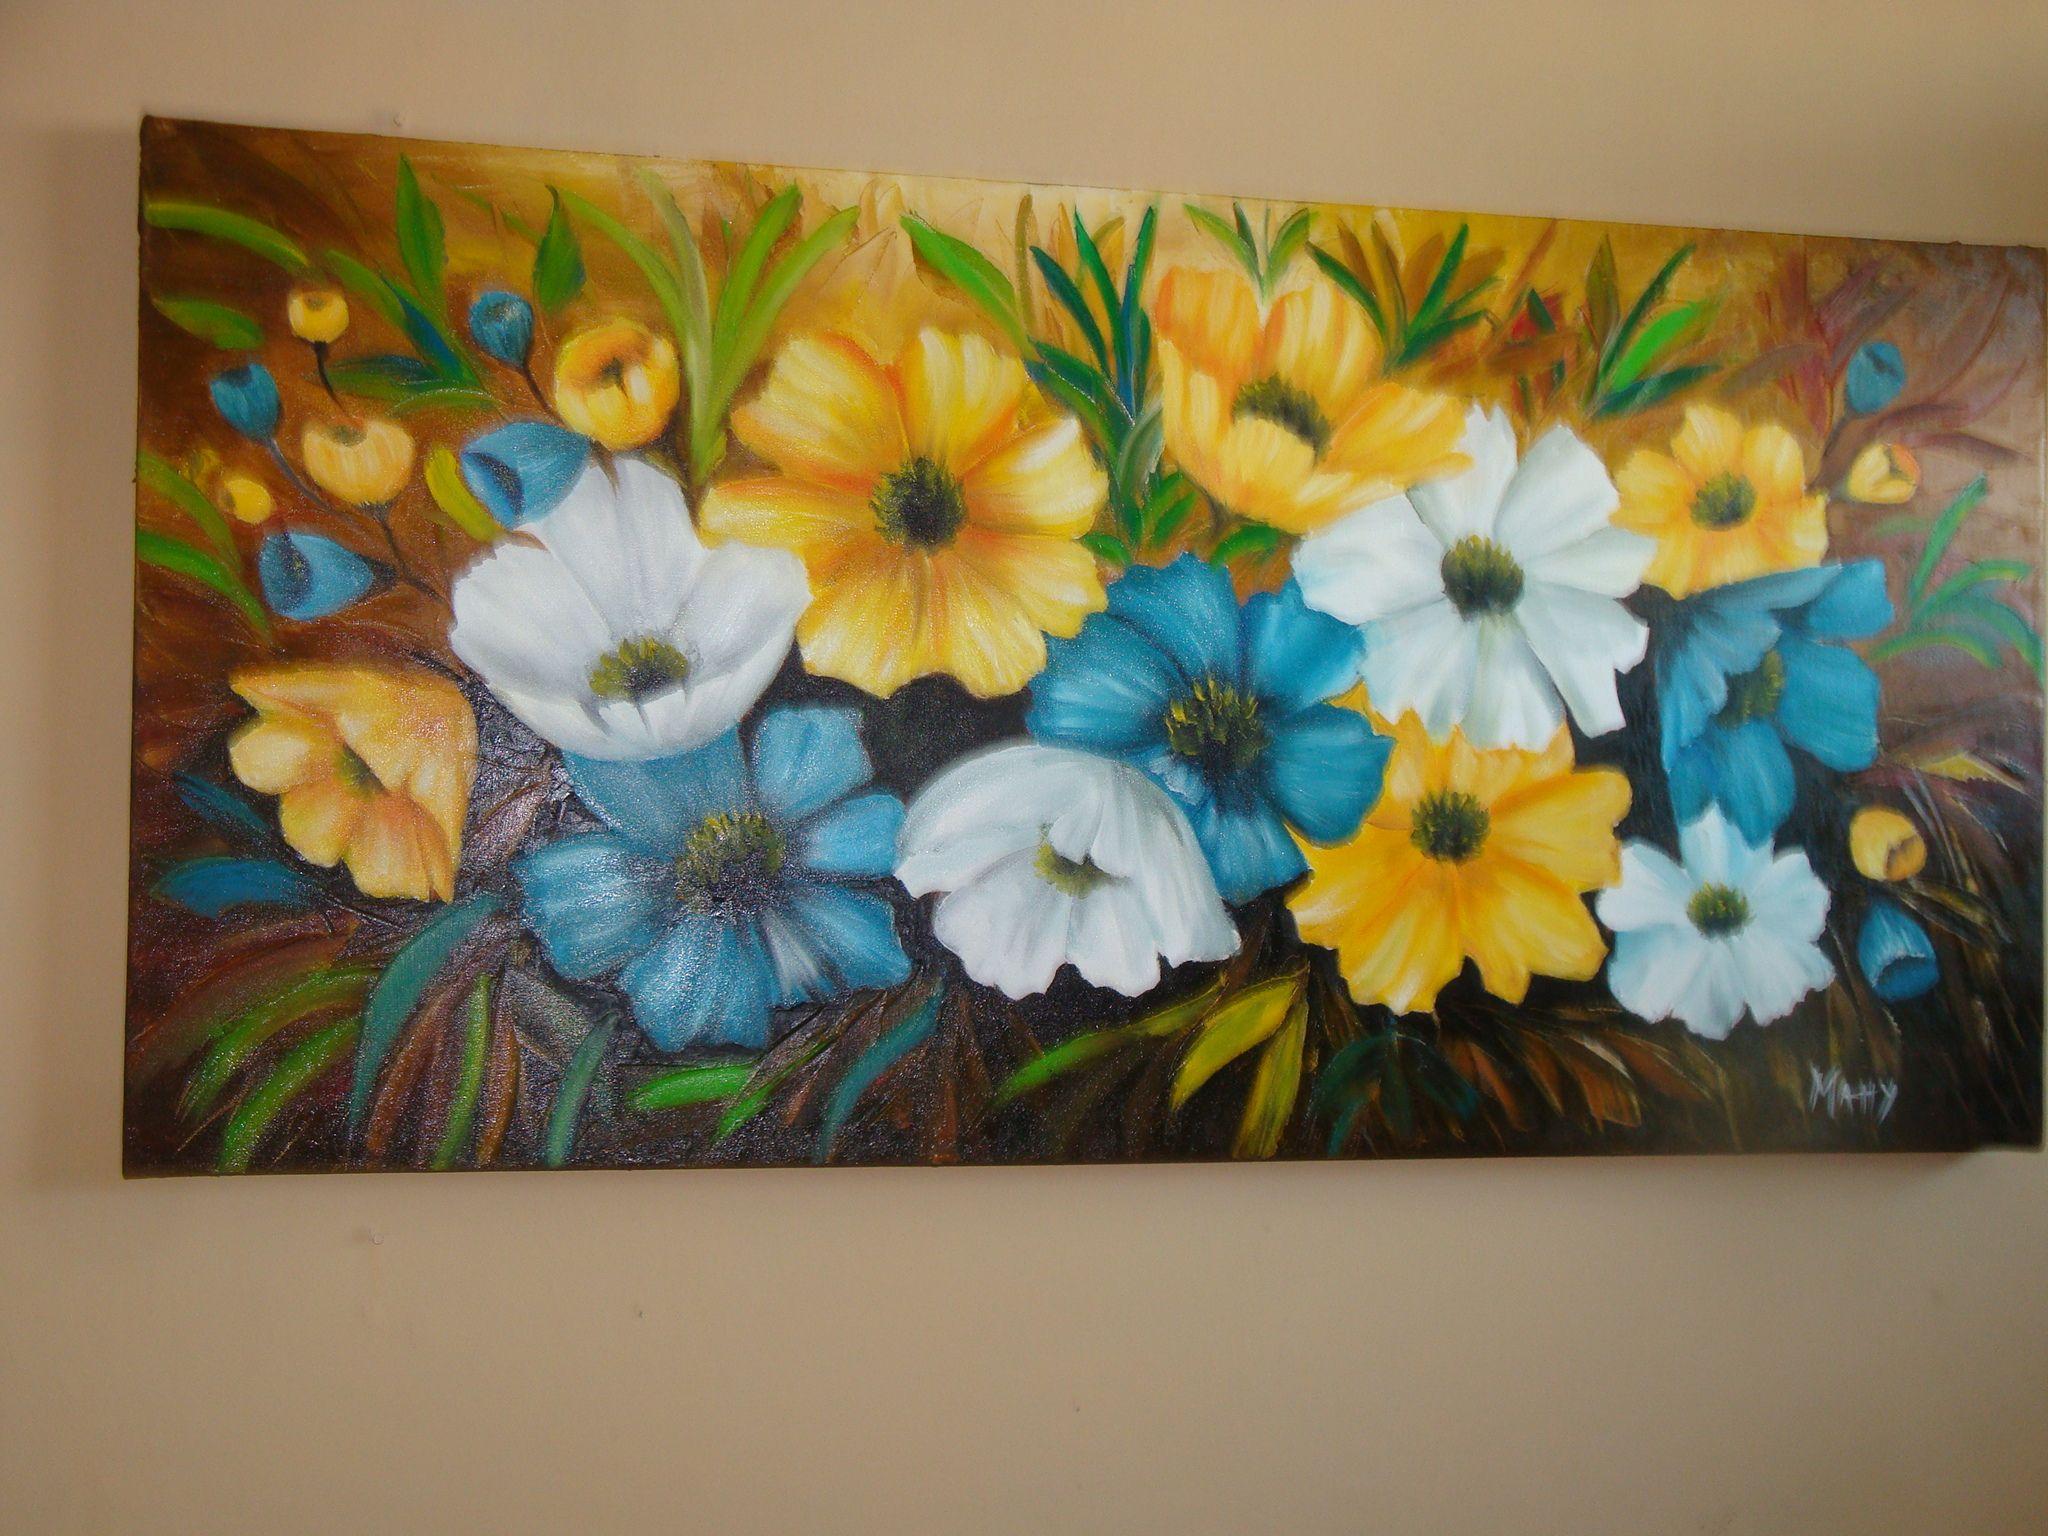 Cuadro pintado al oleo de mi jardin pinturas pinterest for Cuadros de oleo modernos